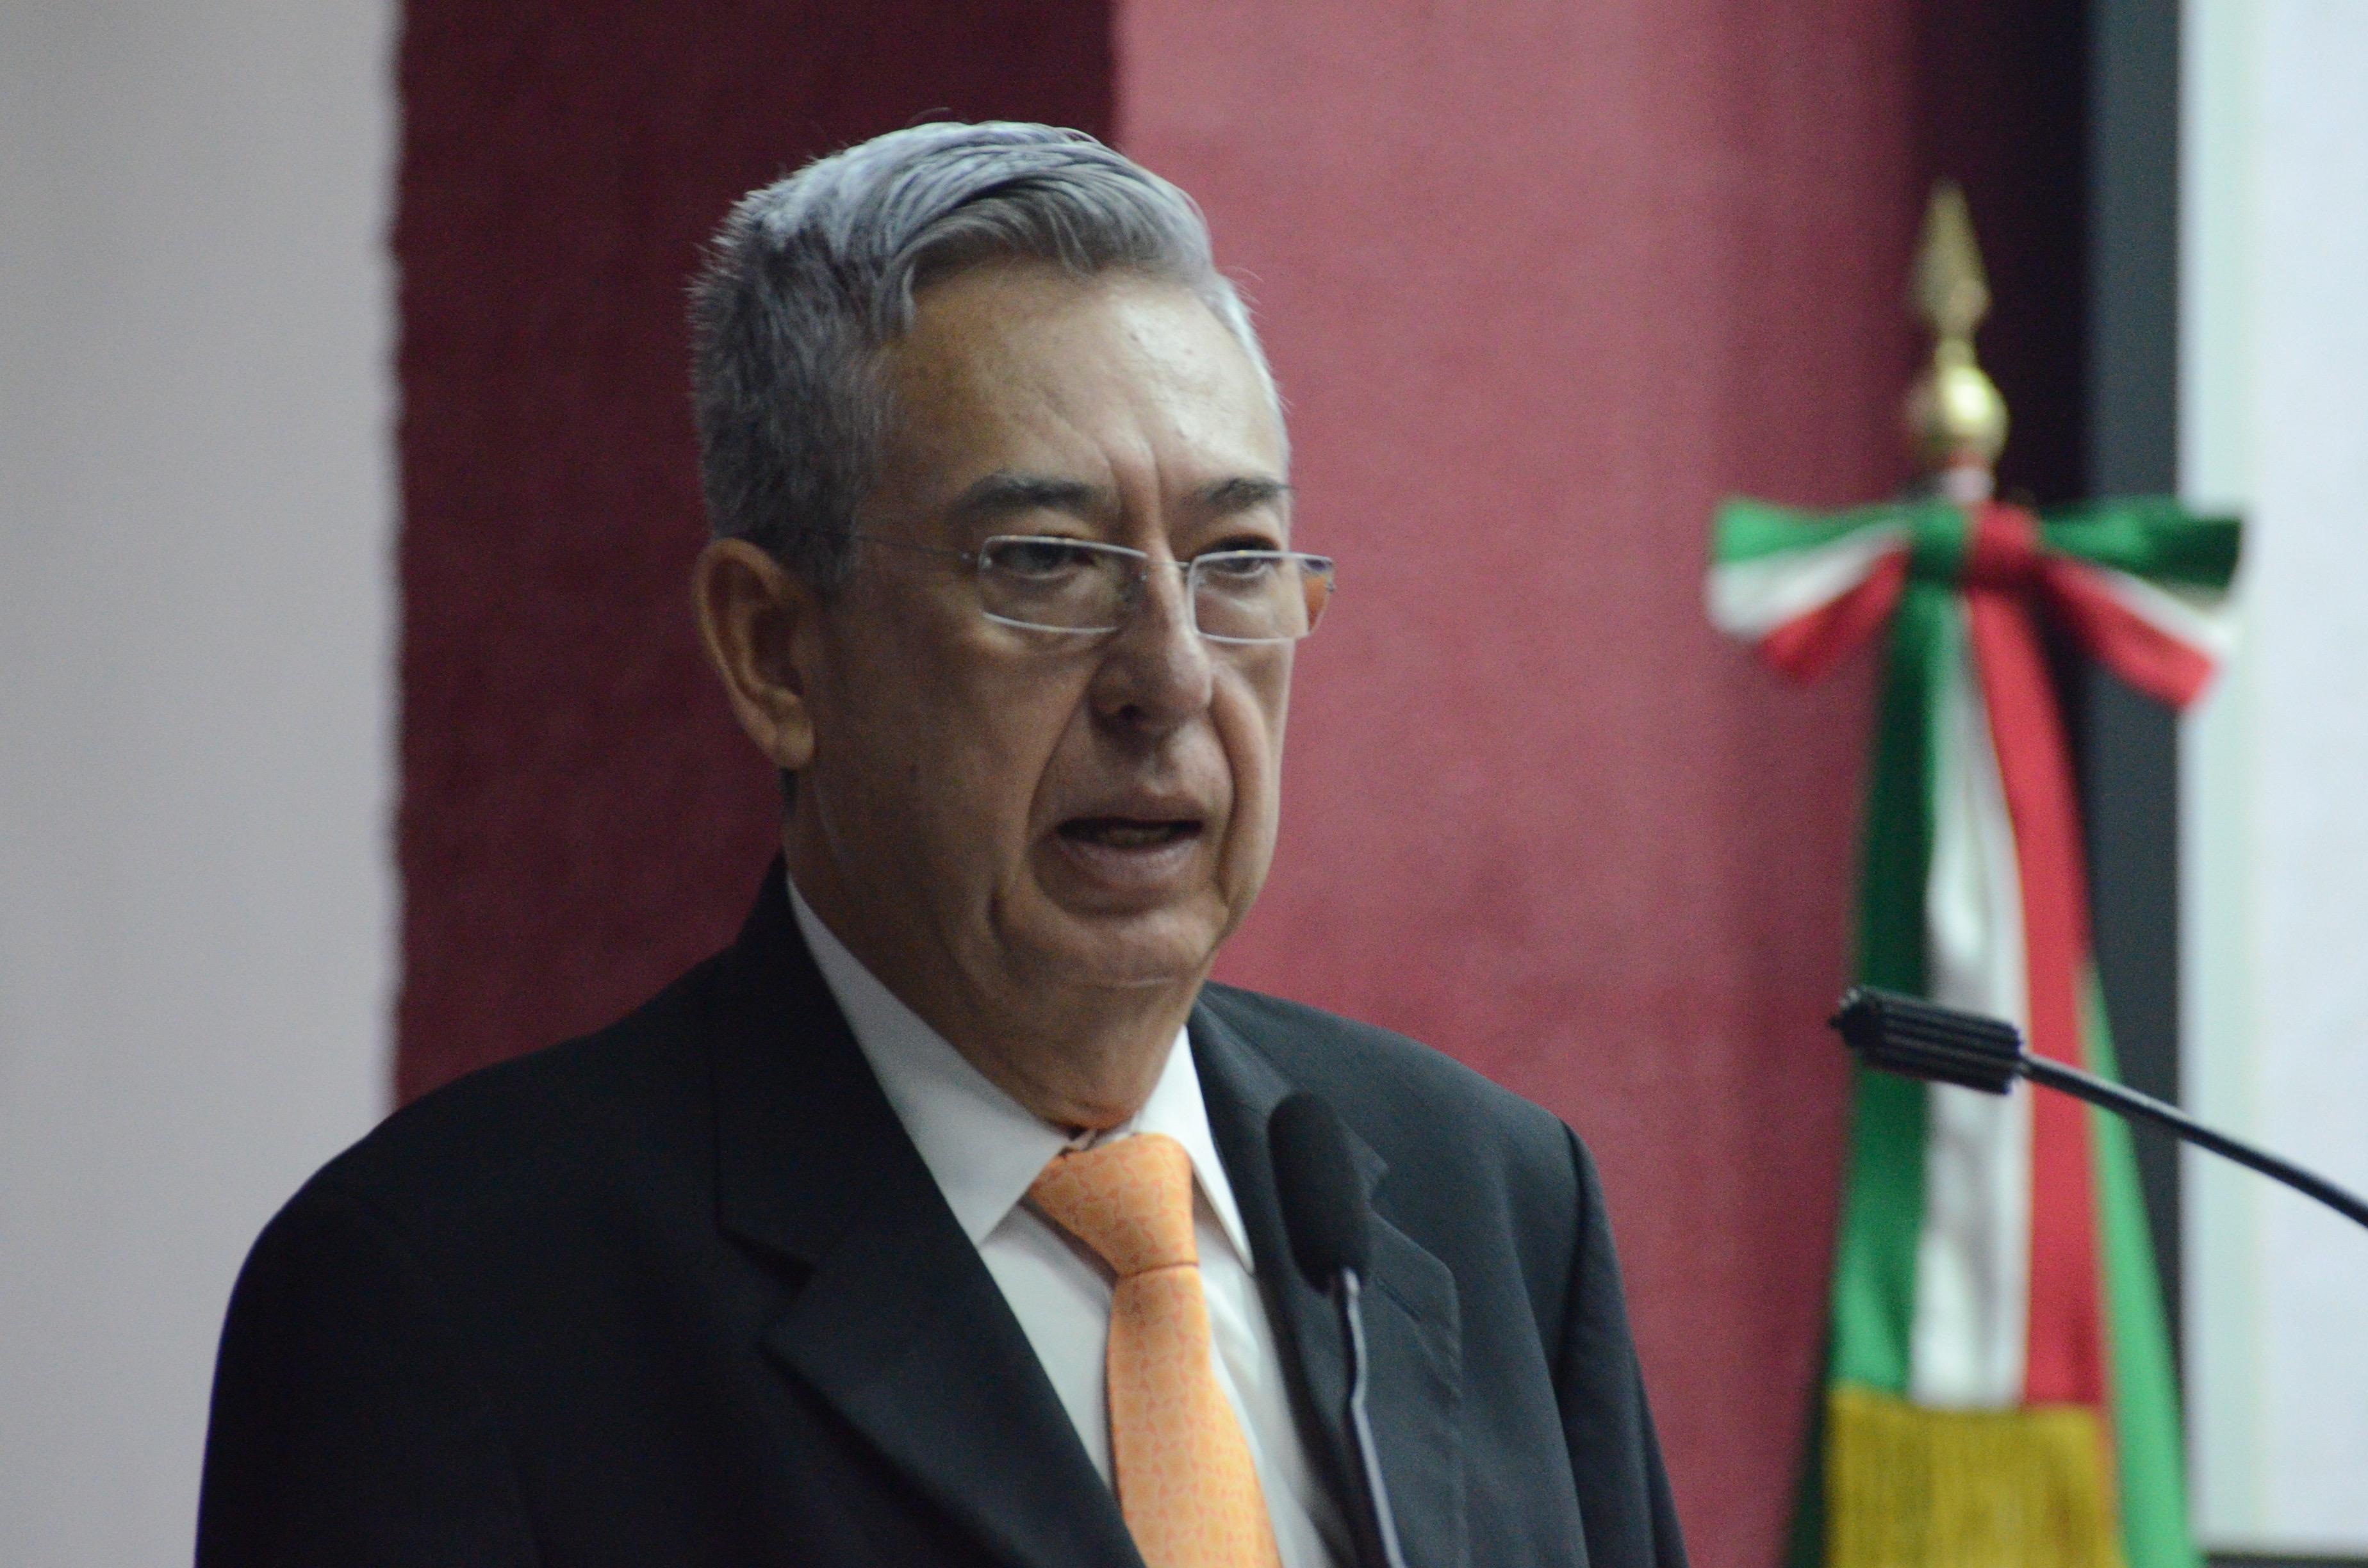 Dr. Rogelio Zambrano Guzmán, dando mensaje de bienvenida